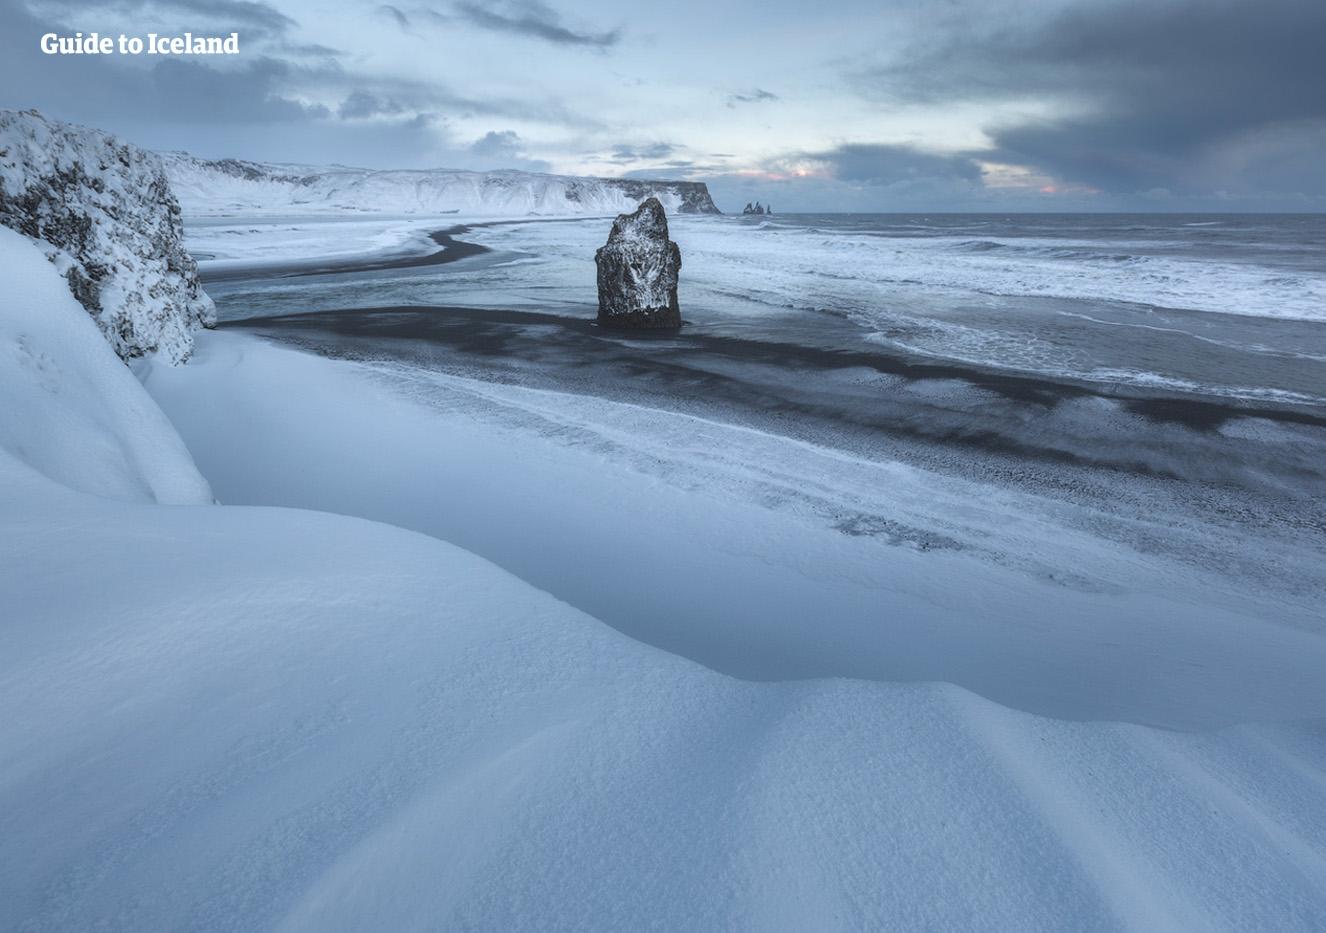 หาดทรายดำบนชายฝั่งทางใต้ของไอซ์แลนด์ในหน้าหนาวมองเห็นได้แค่ส่วนที่น้ำทะเลซัดเข้ามาโดนหิมะ